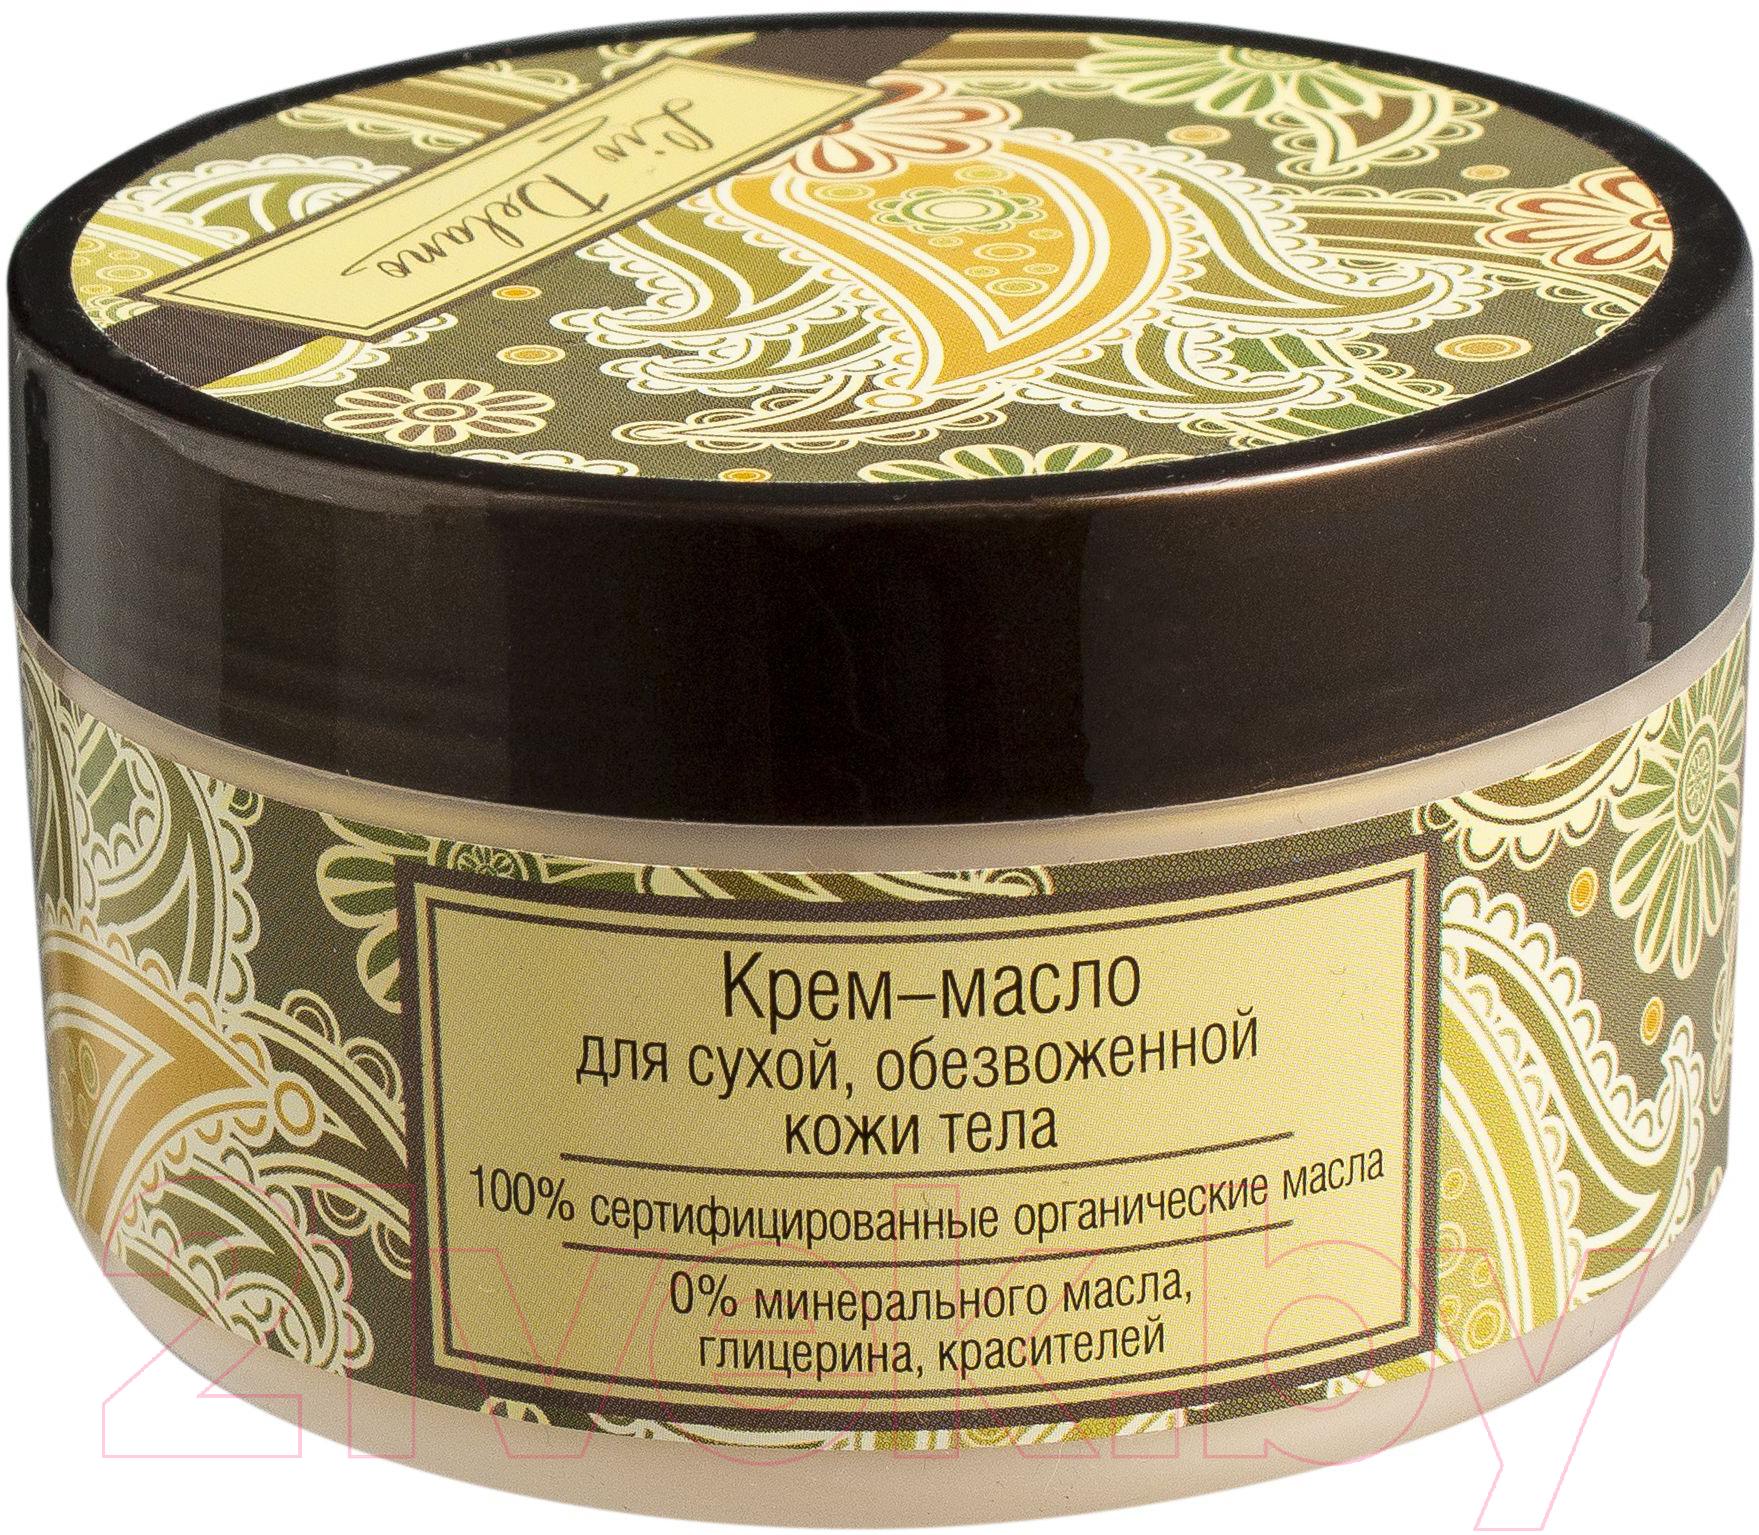 Купить Крем для тела Liv Delano, Крем-масло для сухой обезвоженной кожи (250г), Беларусь